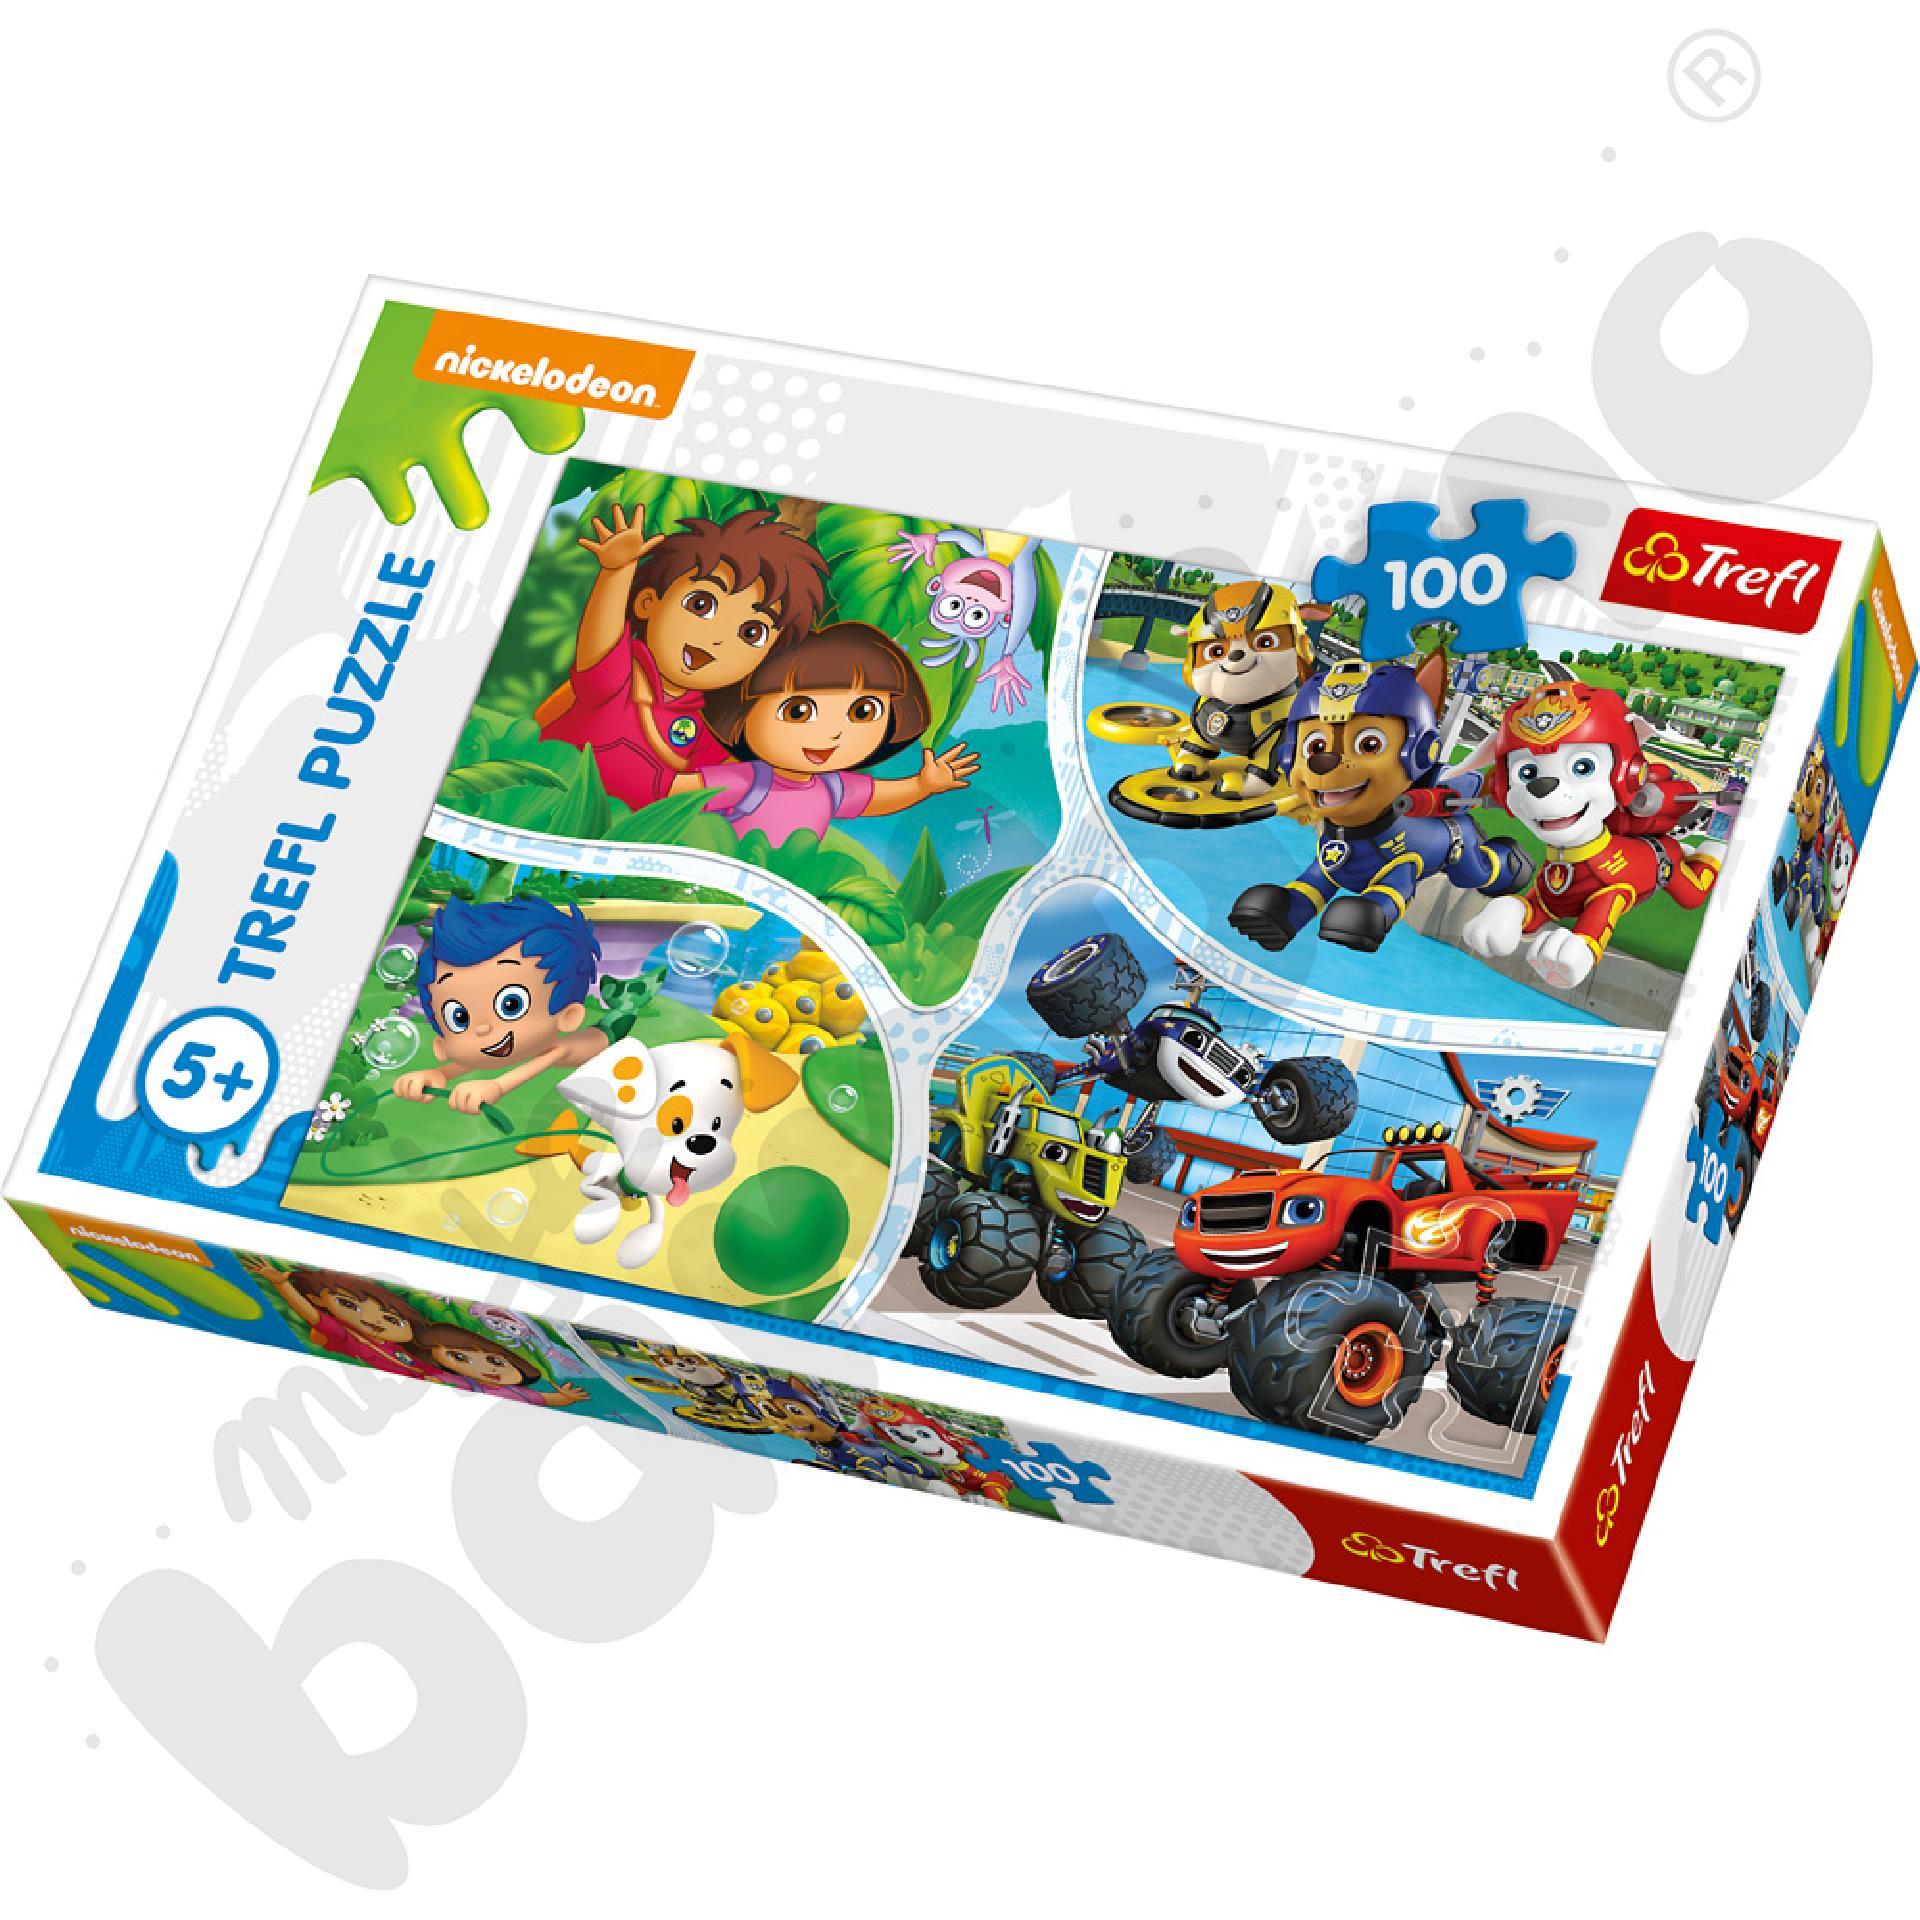 Puzzle Nickelodeon Junior 100 el.